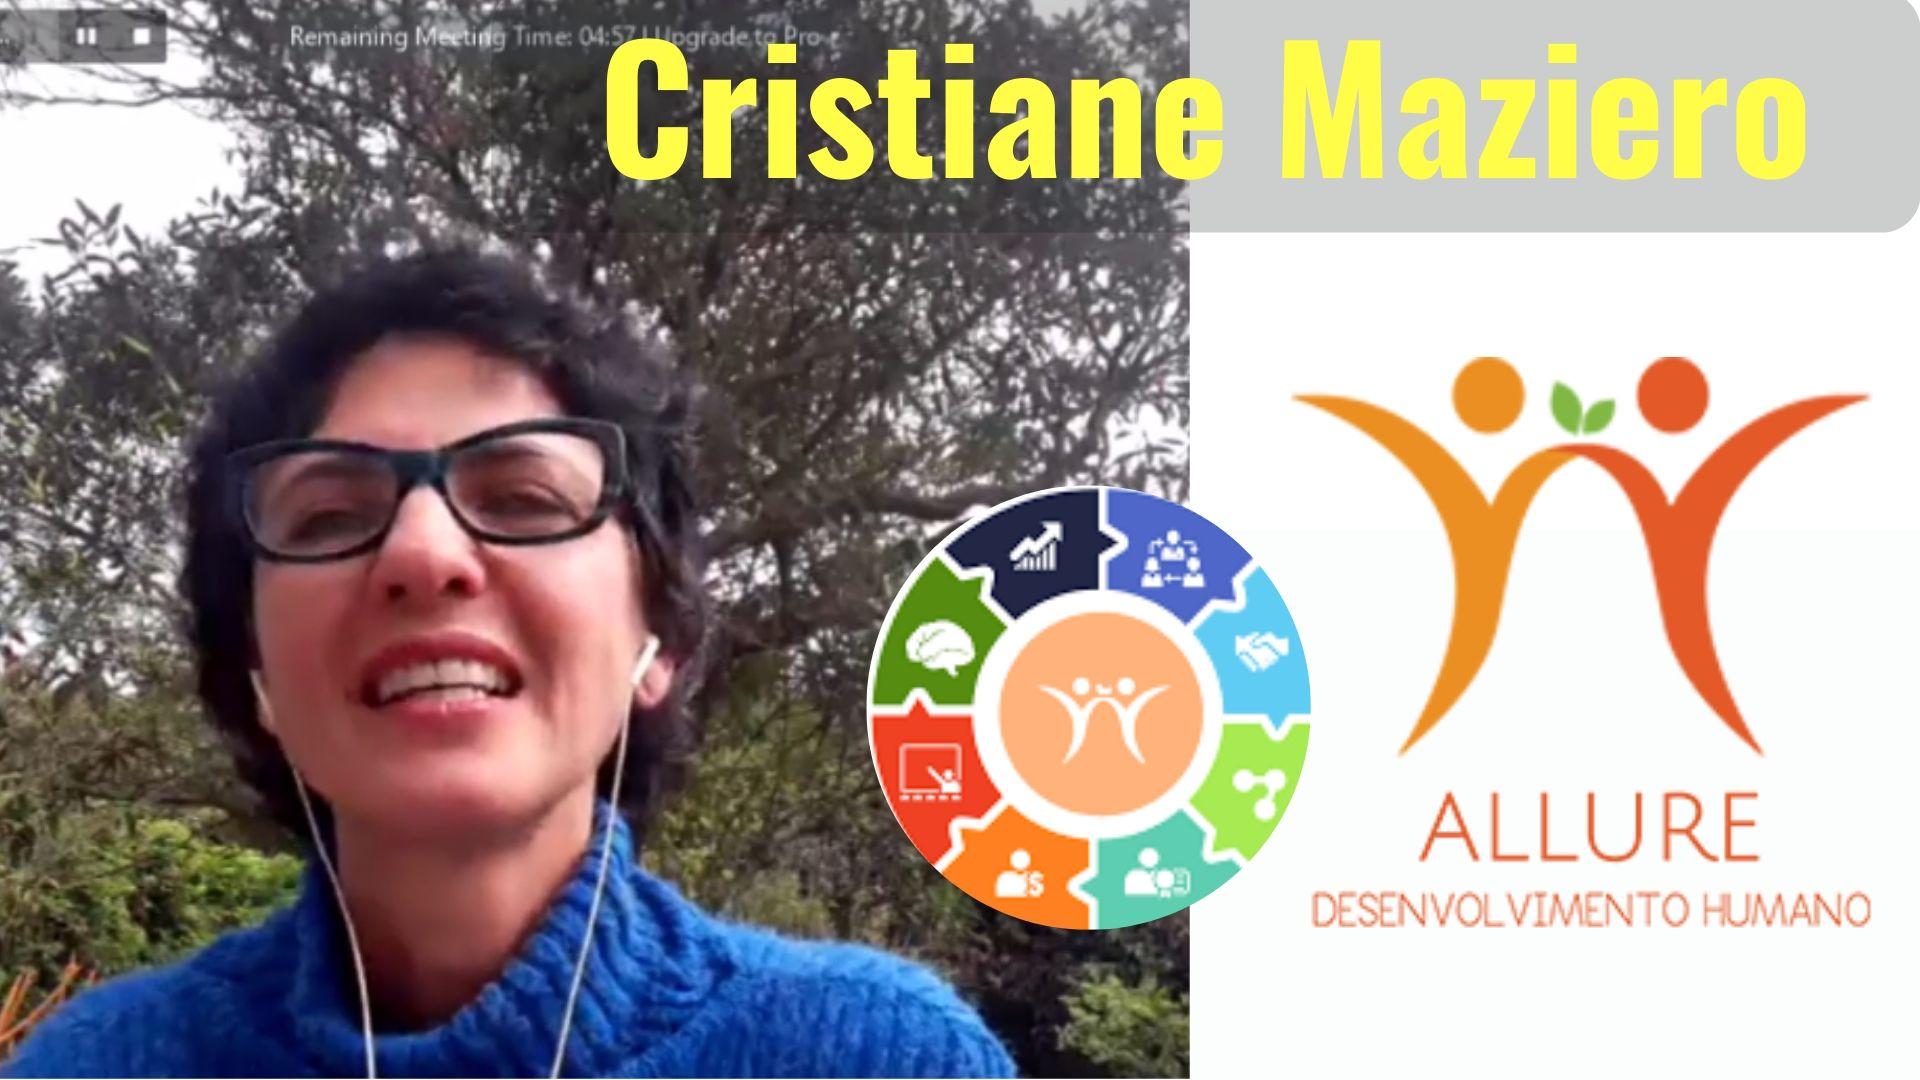 You are currently viewing Allure Desenvolvimento Humano – Cristiane Maziero